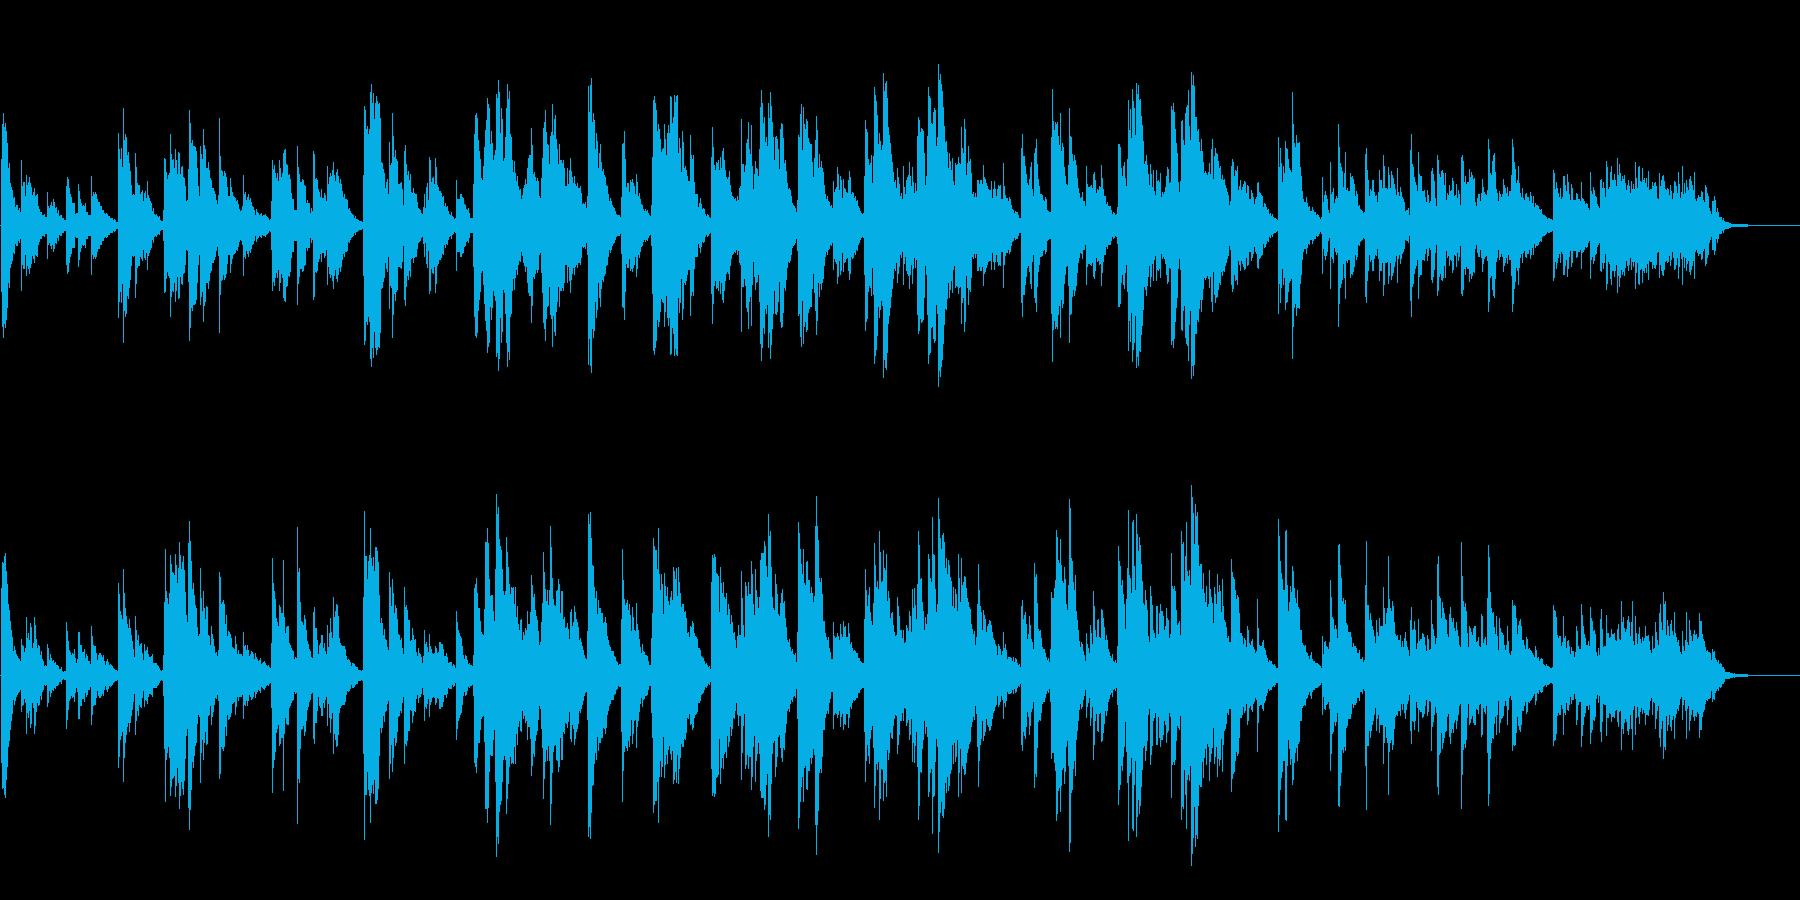 優しさに満ちたネイチャー系サウンドの再生済みの波形